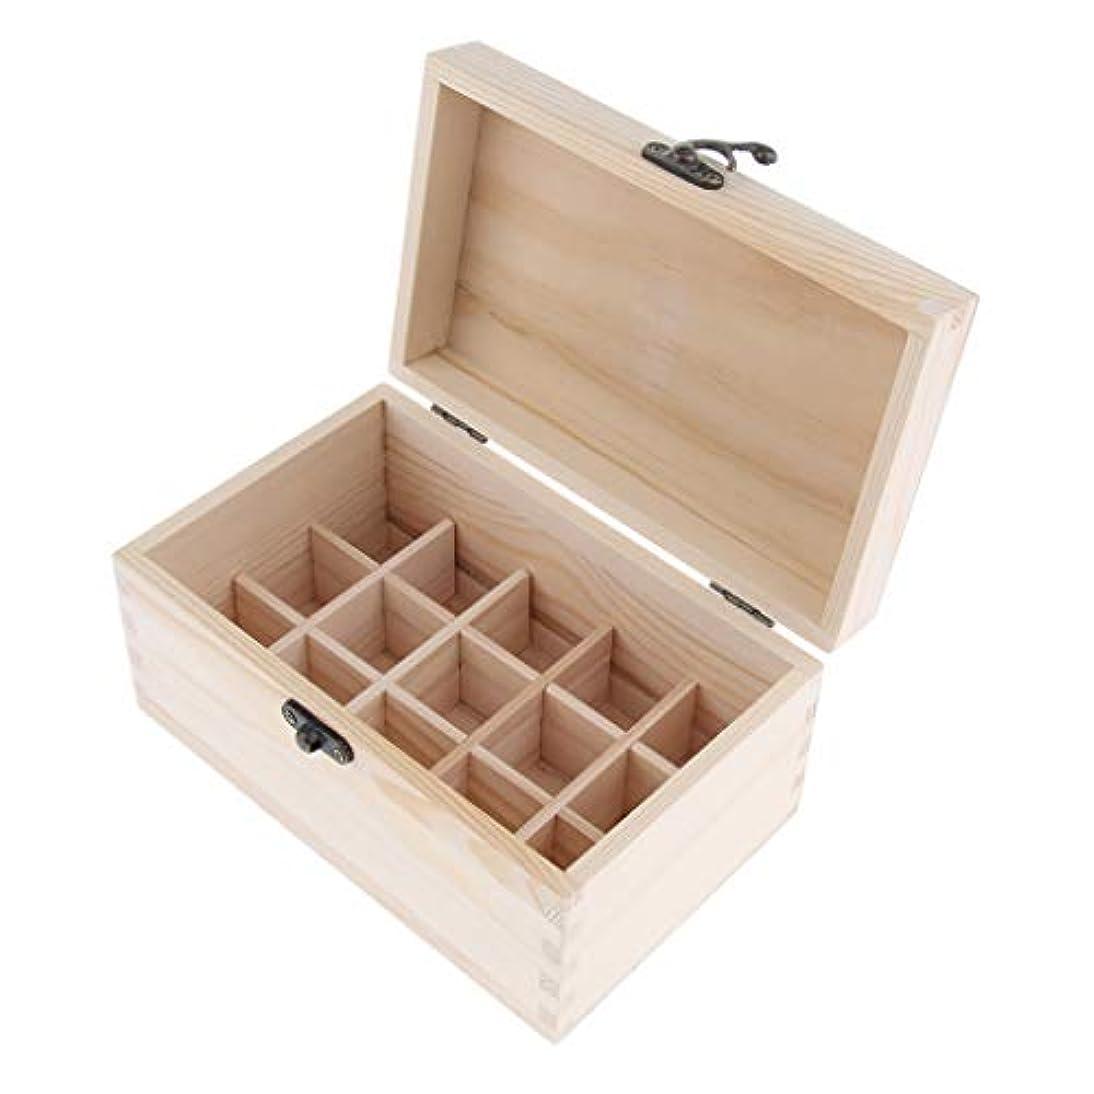 ベジタリアン確かに典型的なsharprepublic エッセンシャルオイルケース 収納ボックス ディスプレイホルダー キャリーケース 15仕切り 木製